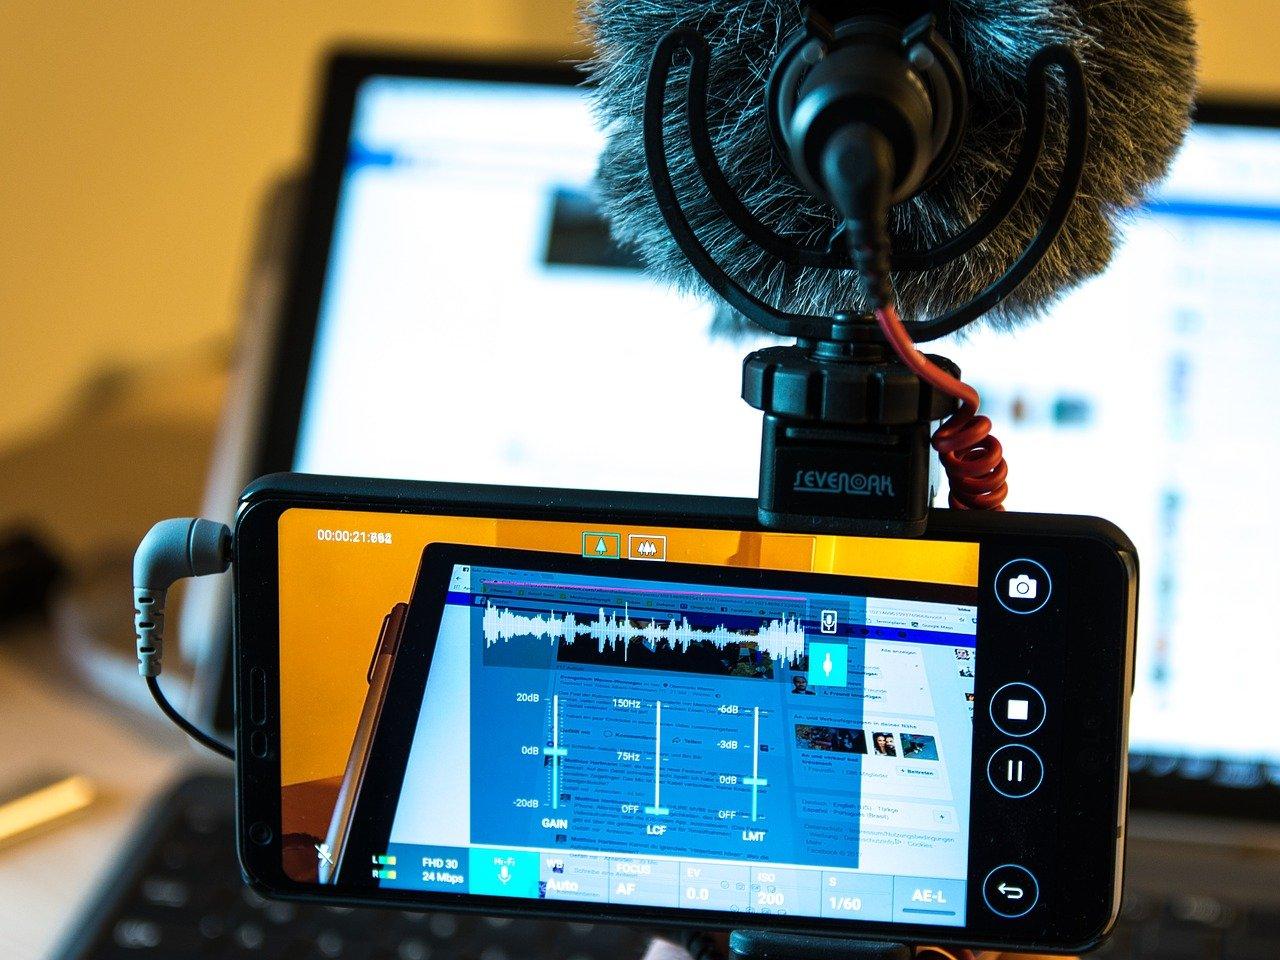 Cara Menggabungkan Video di HP, Vlogger Pemula Wajib Tahu